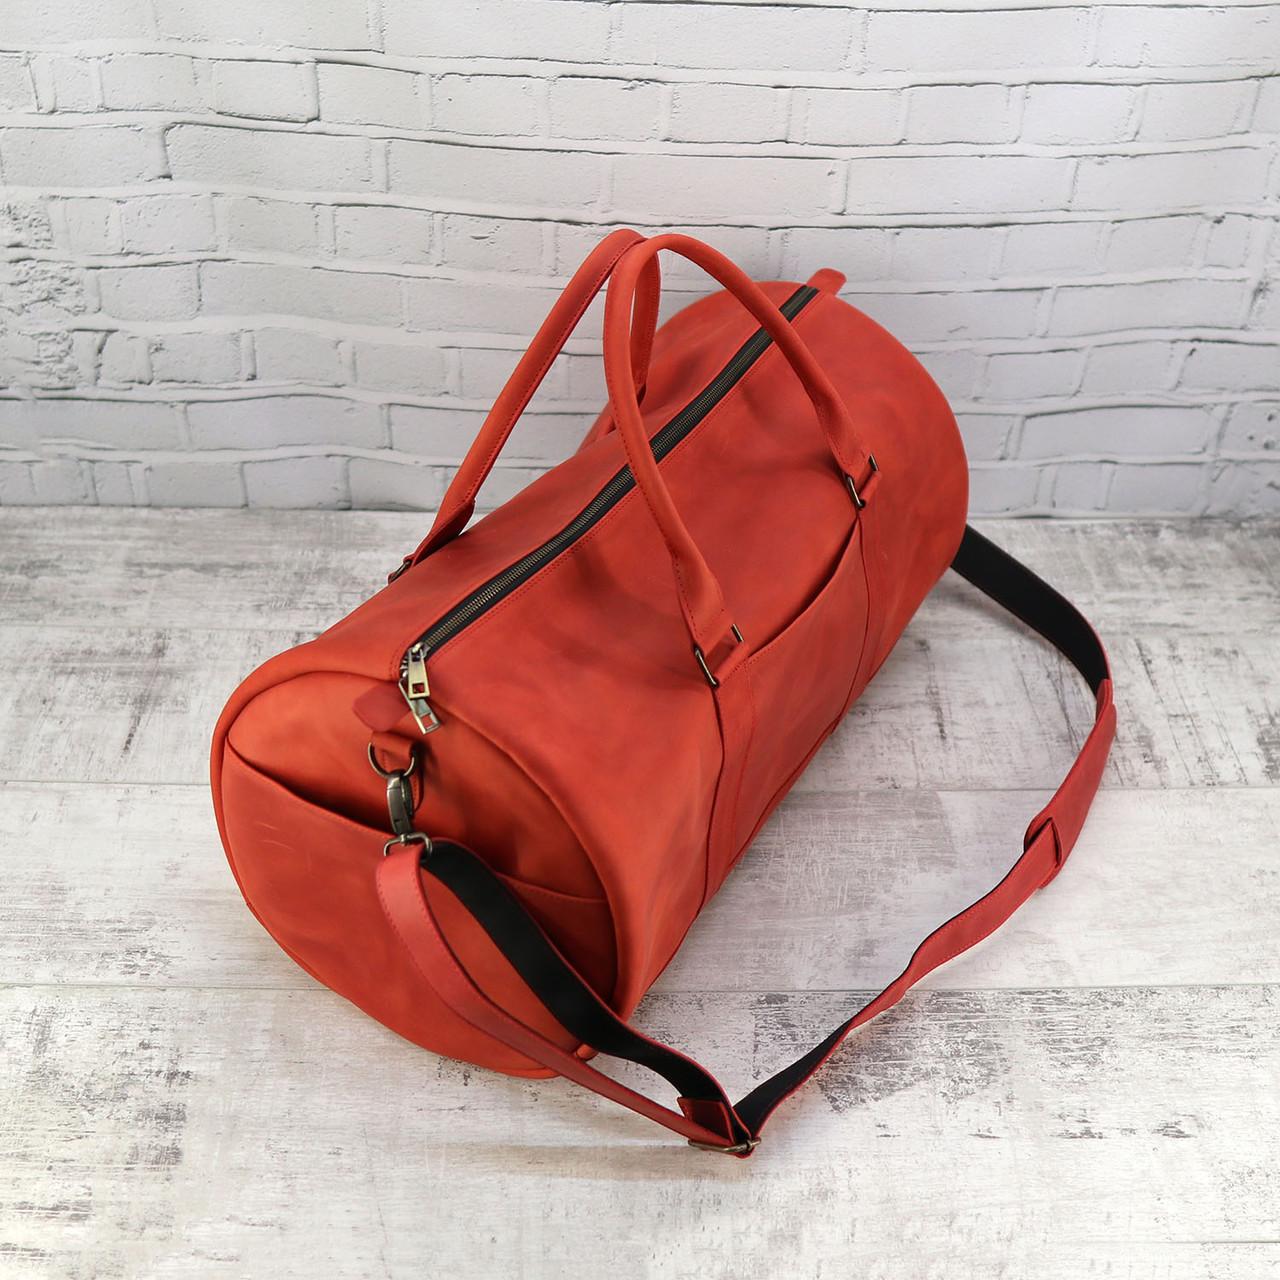 Дорожная сумка tube красная из натуральной кожи crazy horse